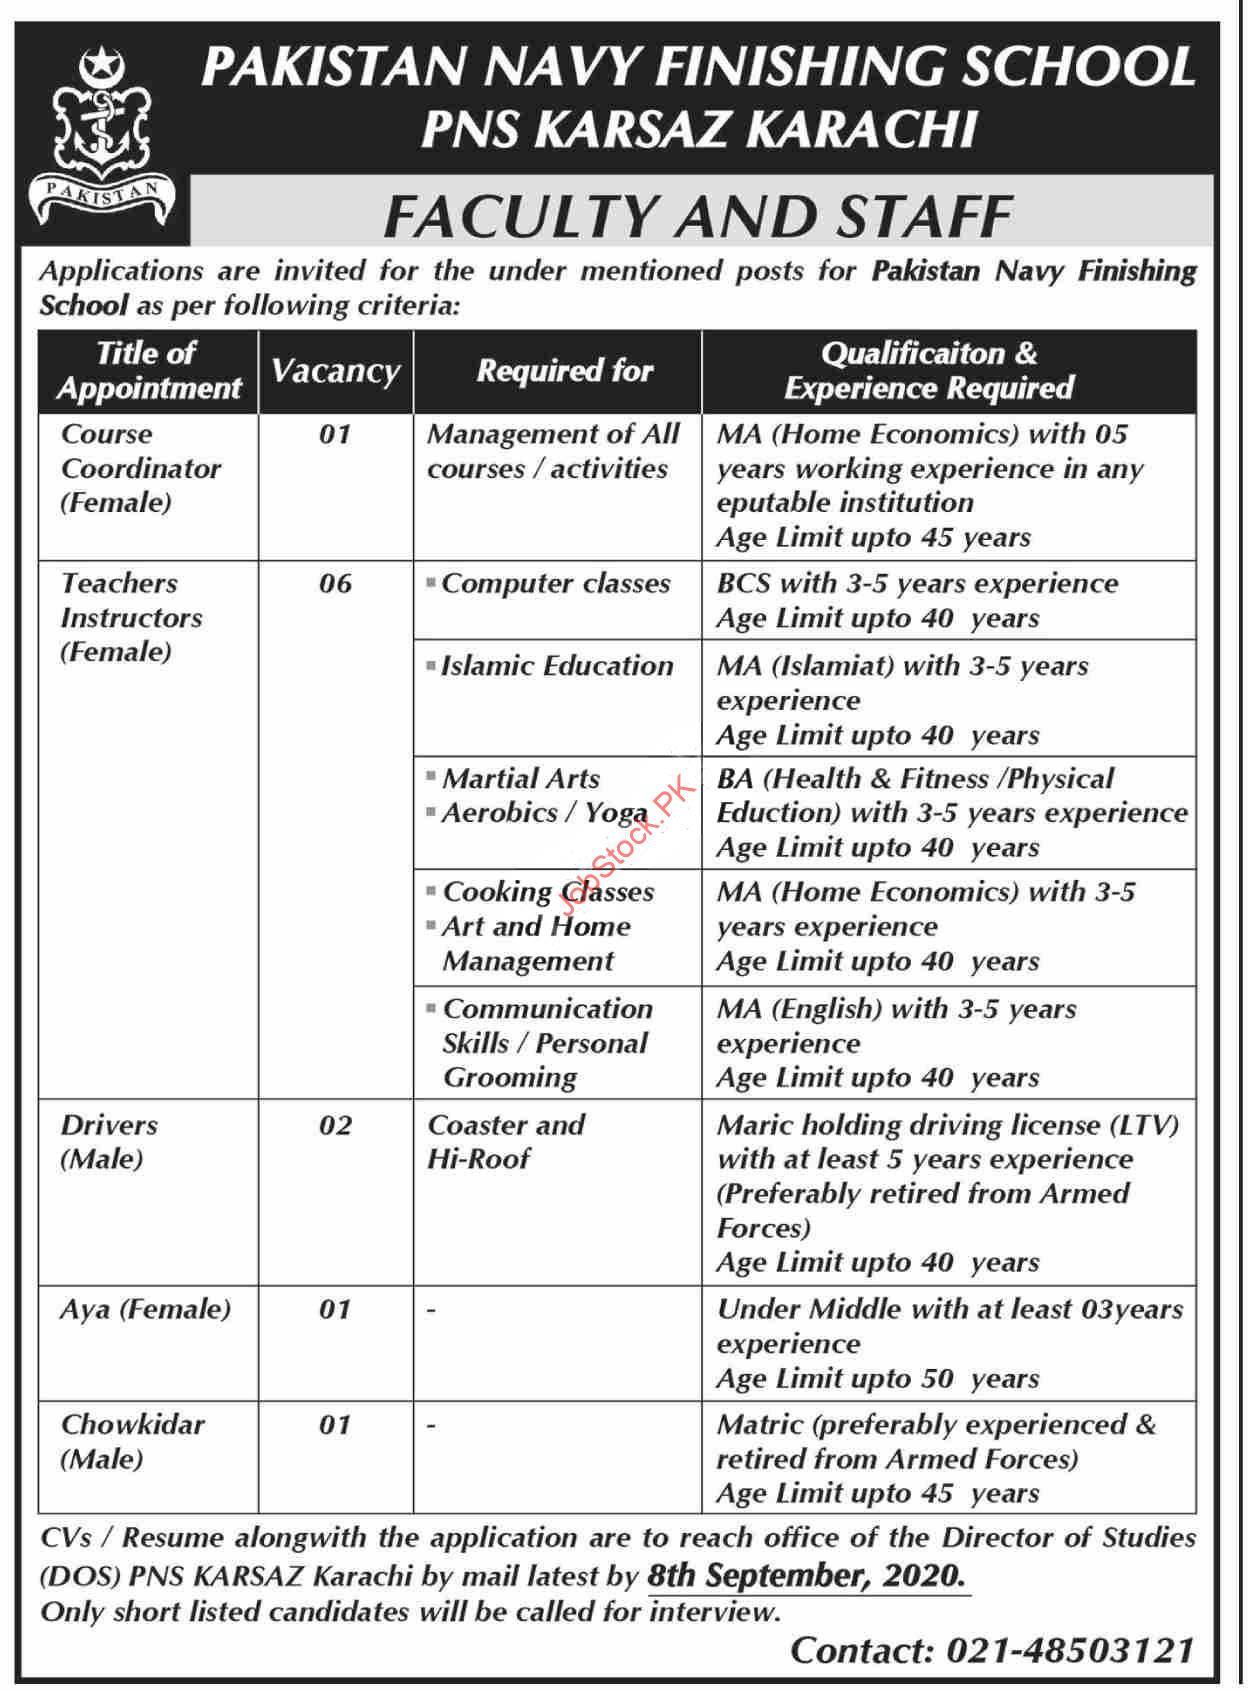 Pakistan Navy Finishing School Karachi Jobs 2020